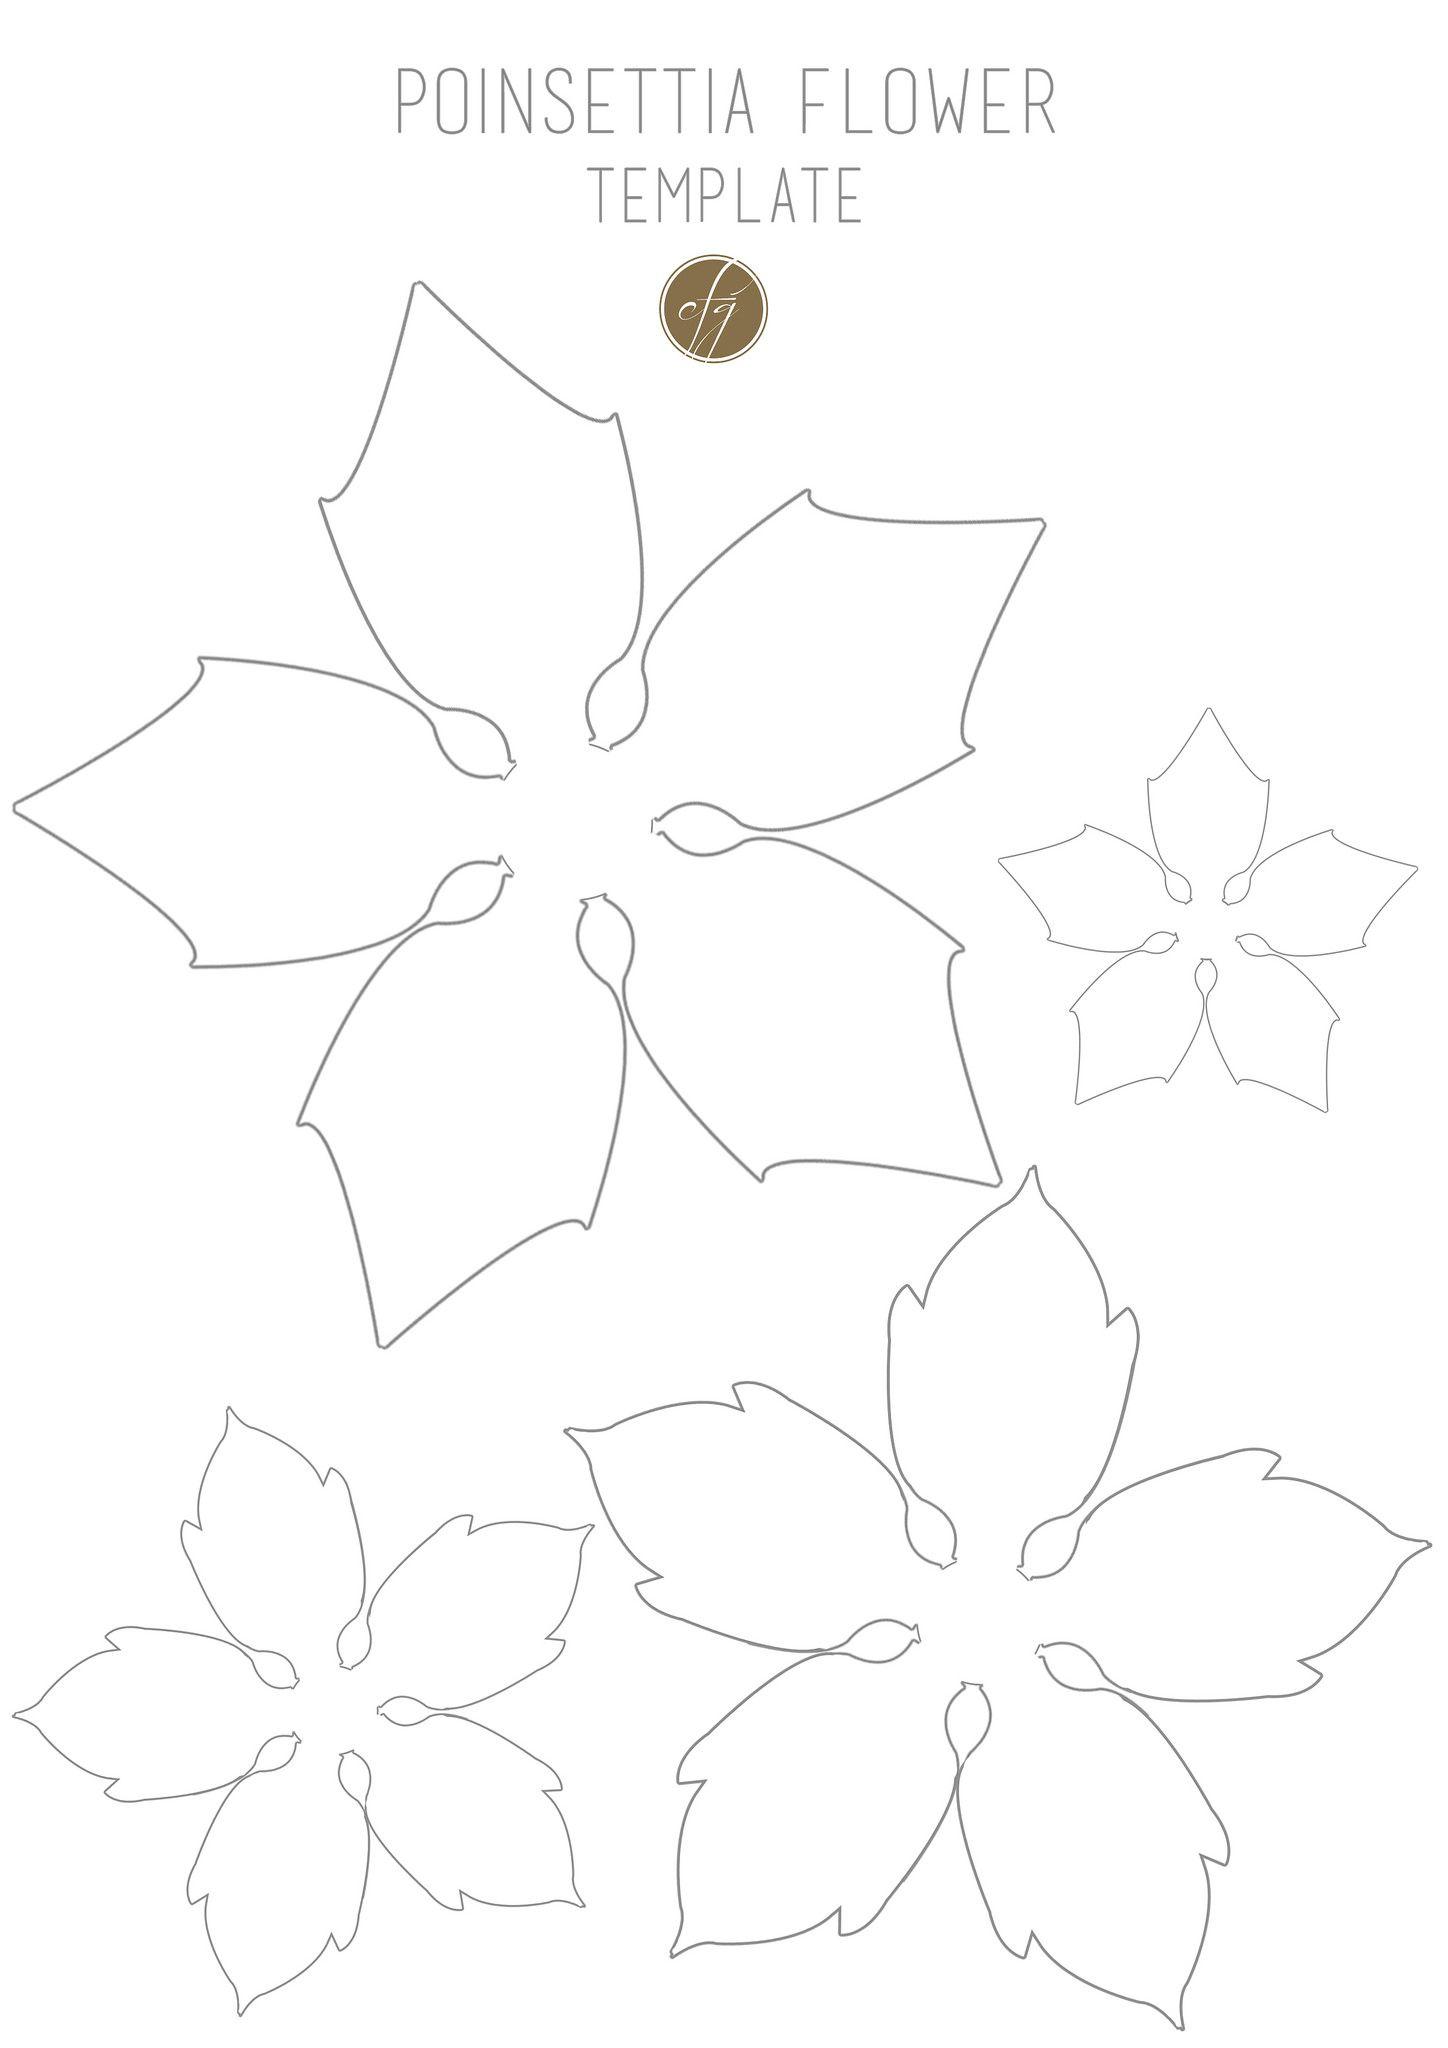 Poinsettia Flower Template Iii Copy Flower Template Poinsettia Flower Christmas Paper